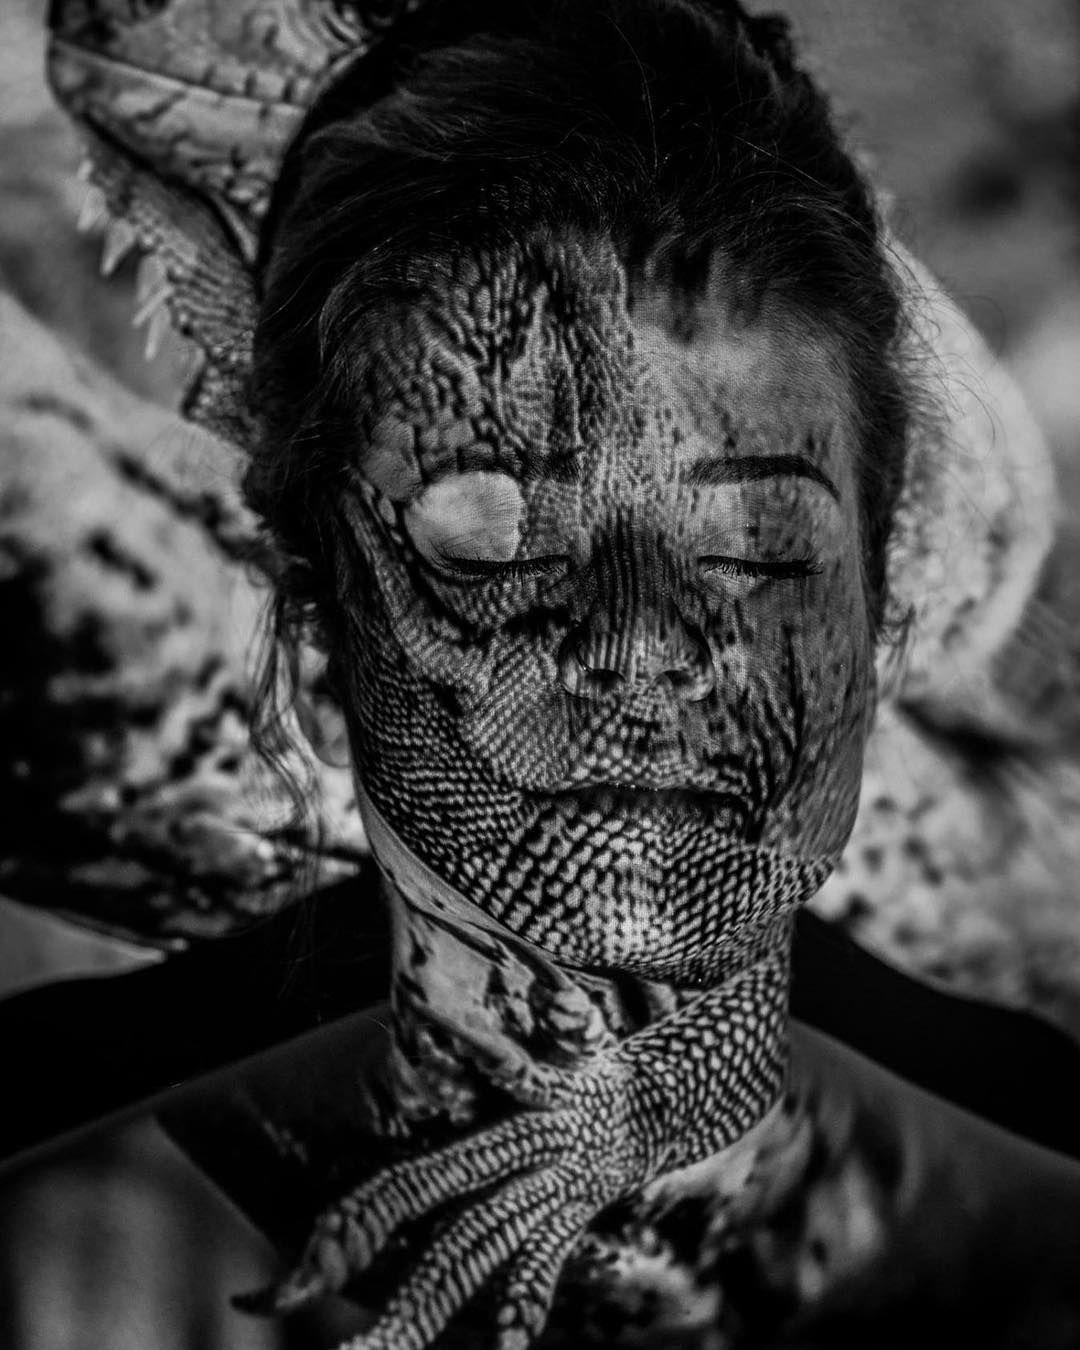 Reatrato em Projeção - Karoline Tossi ��. #maramafotografia #vscobrasil #vsco #photo #photobook #photography #photographer #retratosfemininos #retrato #mulheres #projeção http://tipsrazzi.com/ipost/1519058773226155782/?code=BUUx-frFe8G